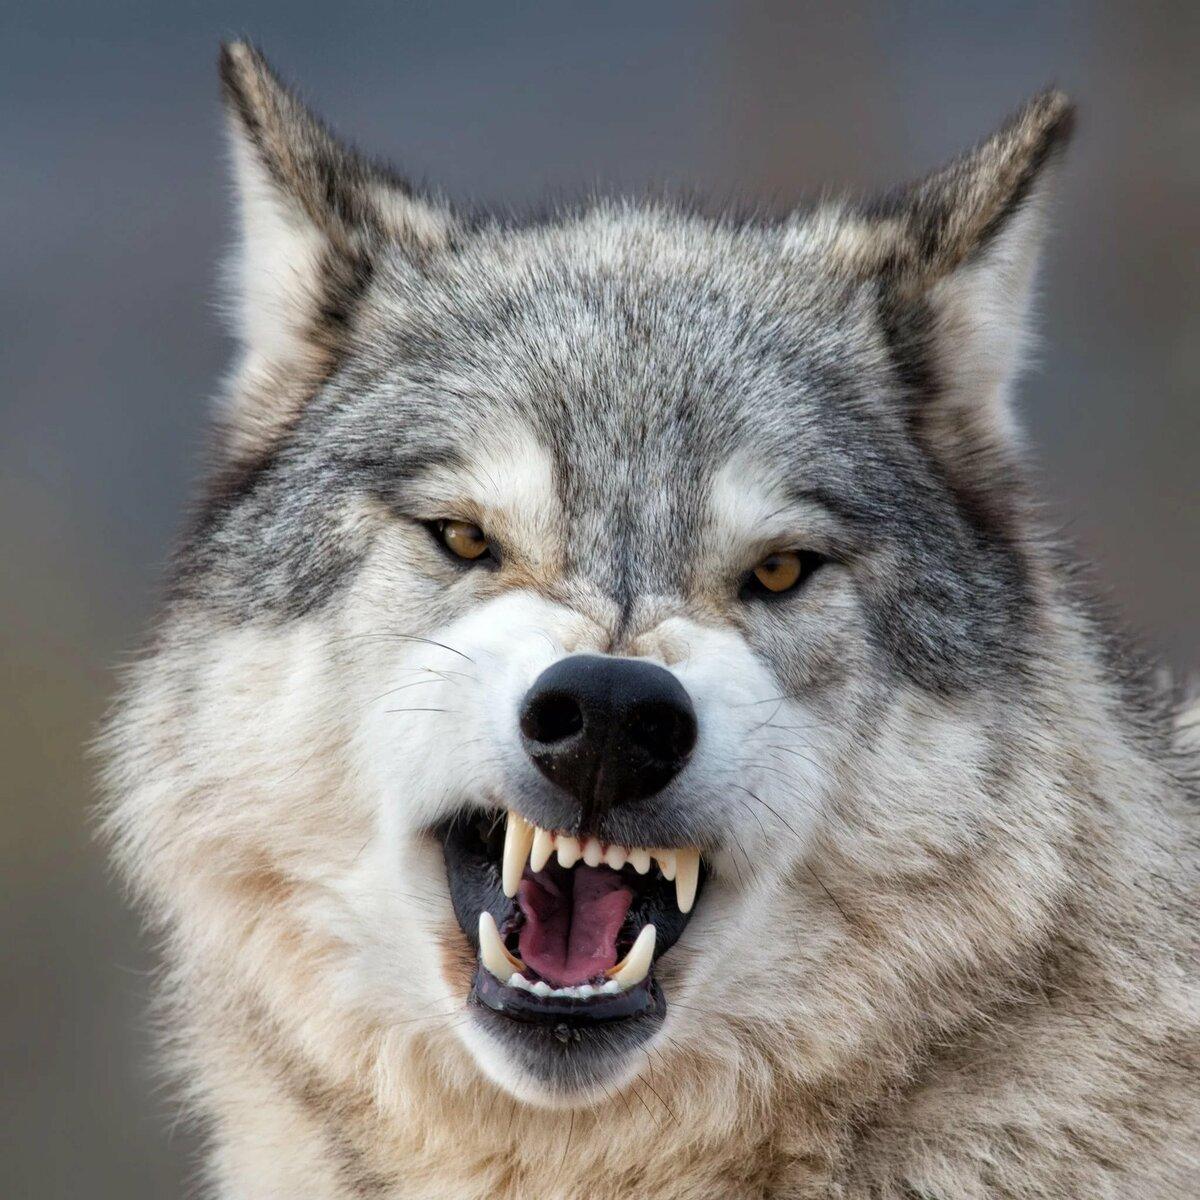 фото грозного волка окончания школы она